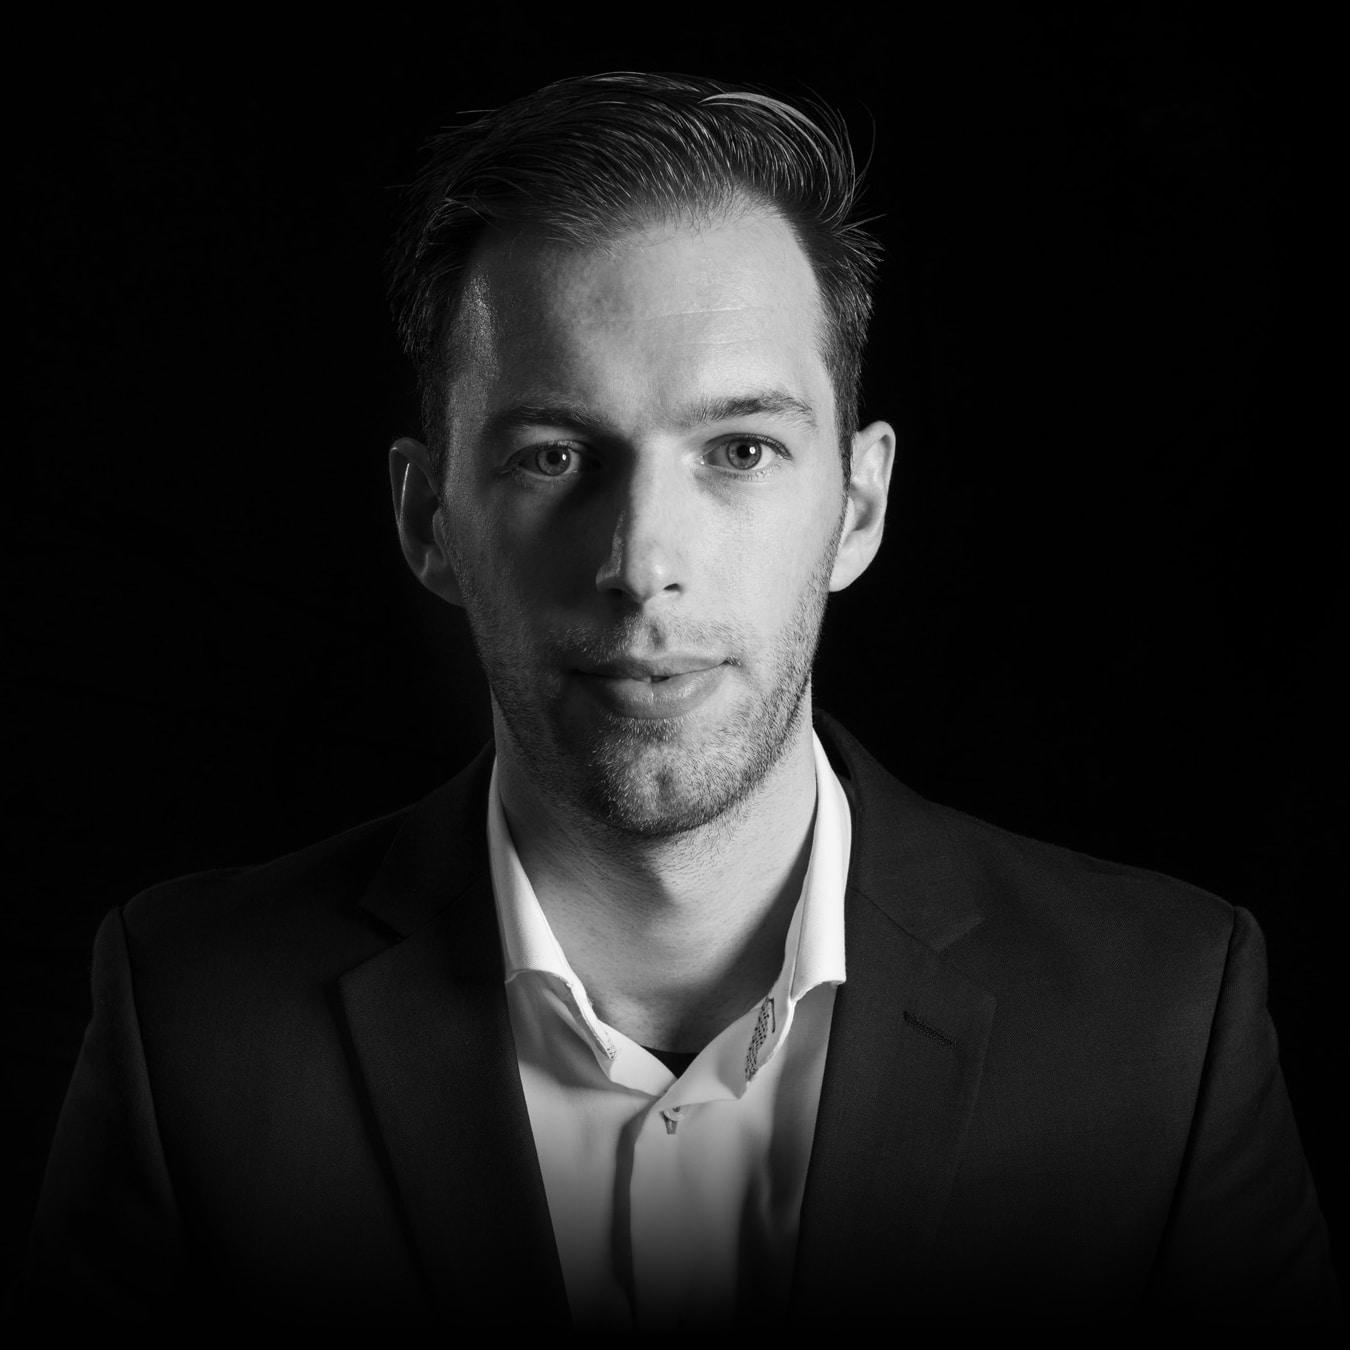 Portret Vincent Hildering